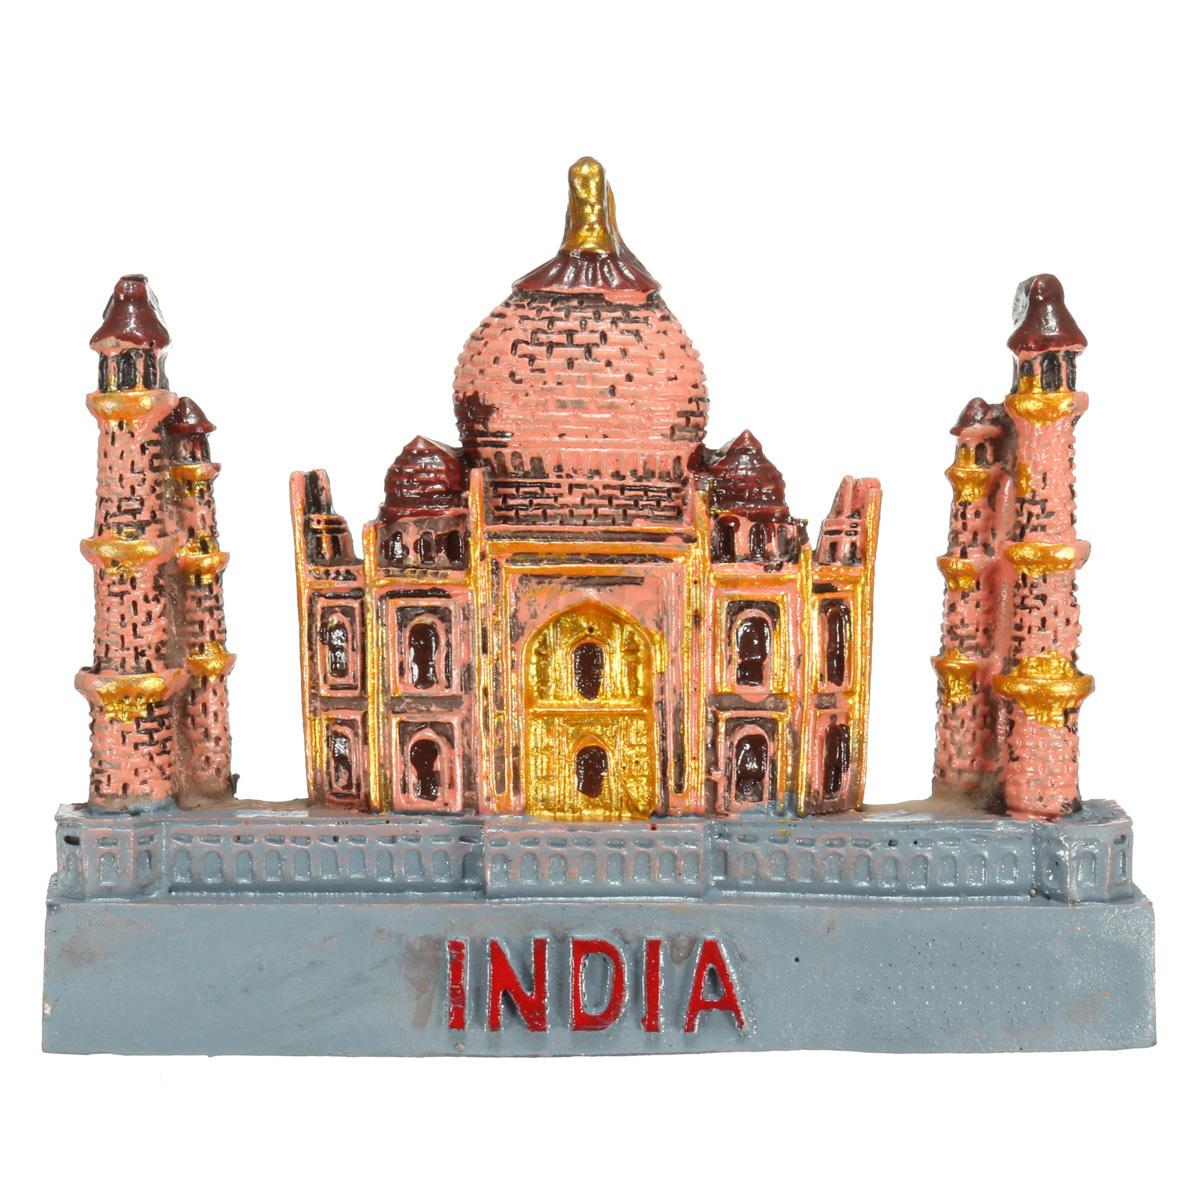 3D Resin Fridge Magnet India Taj Mahal Tourist  Souvenir Gift Decoration - Photo: 5